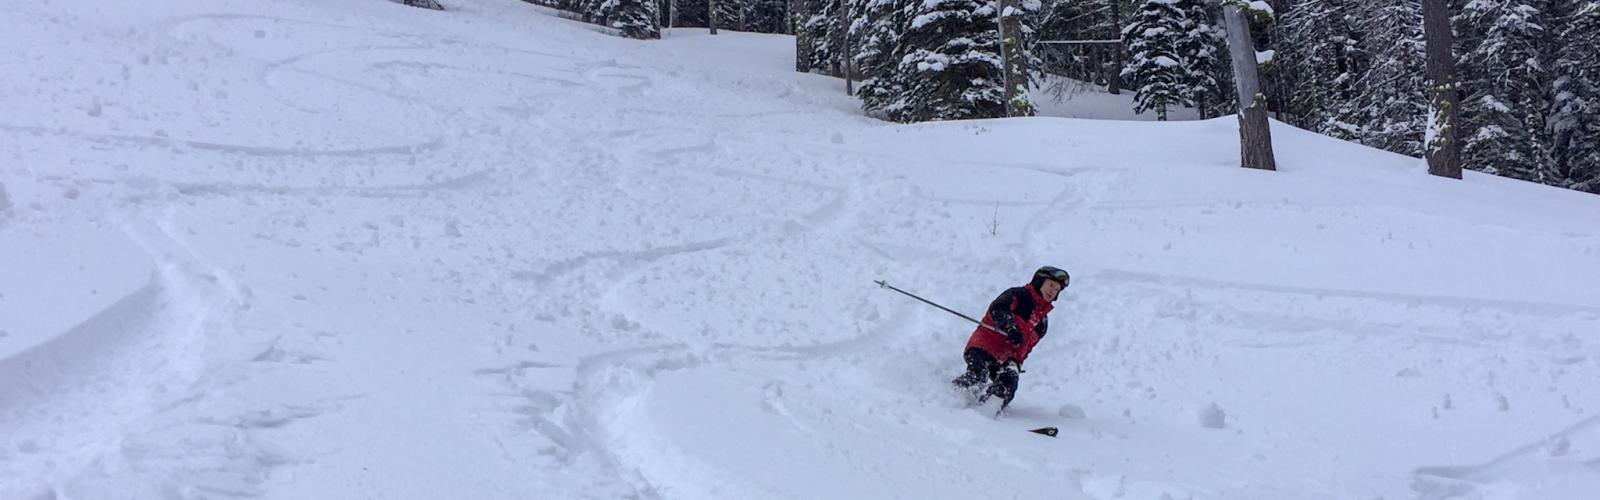 skier in red coat making powder turns